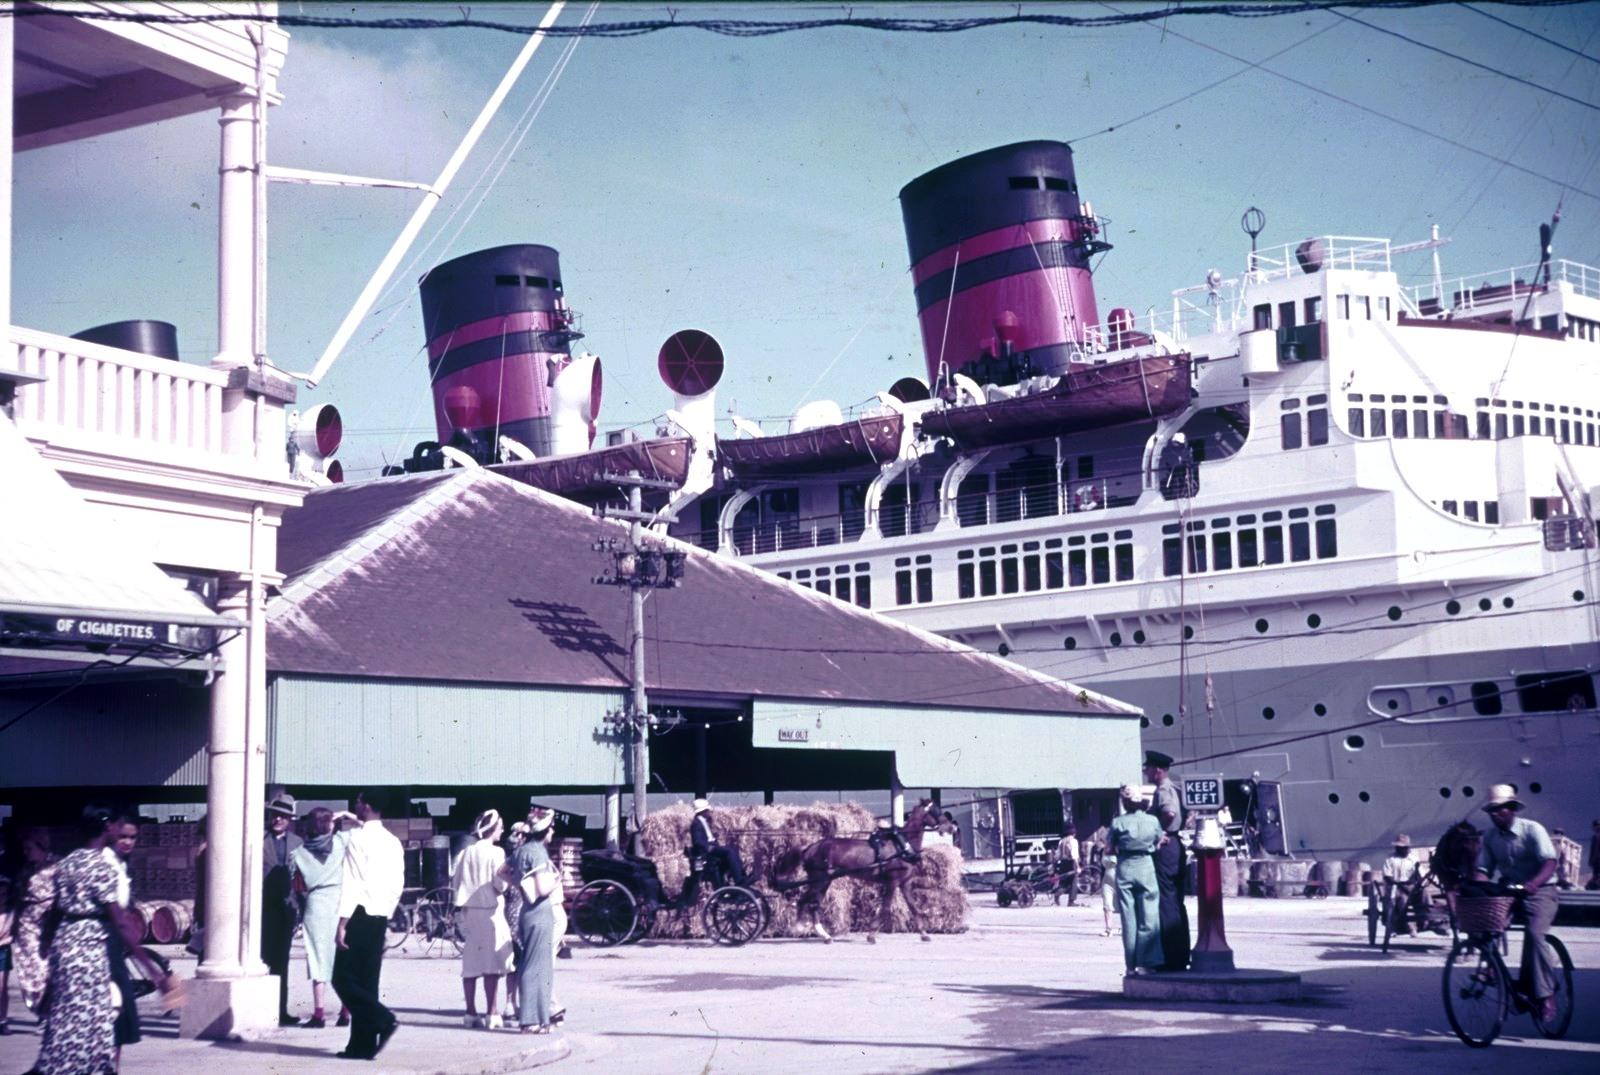 Бермудские острова. Гамильтон. Гавань. Пассажирский корабль на набережной